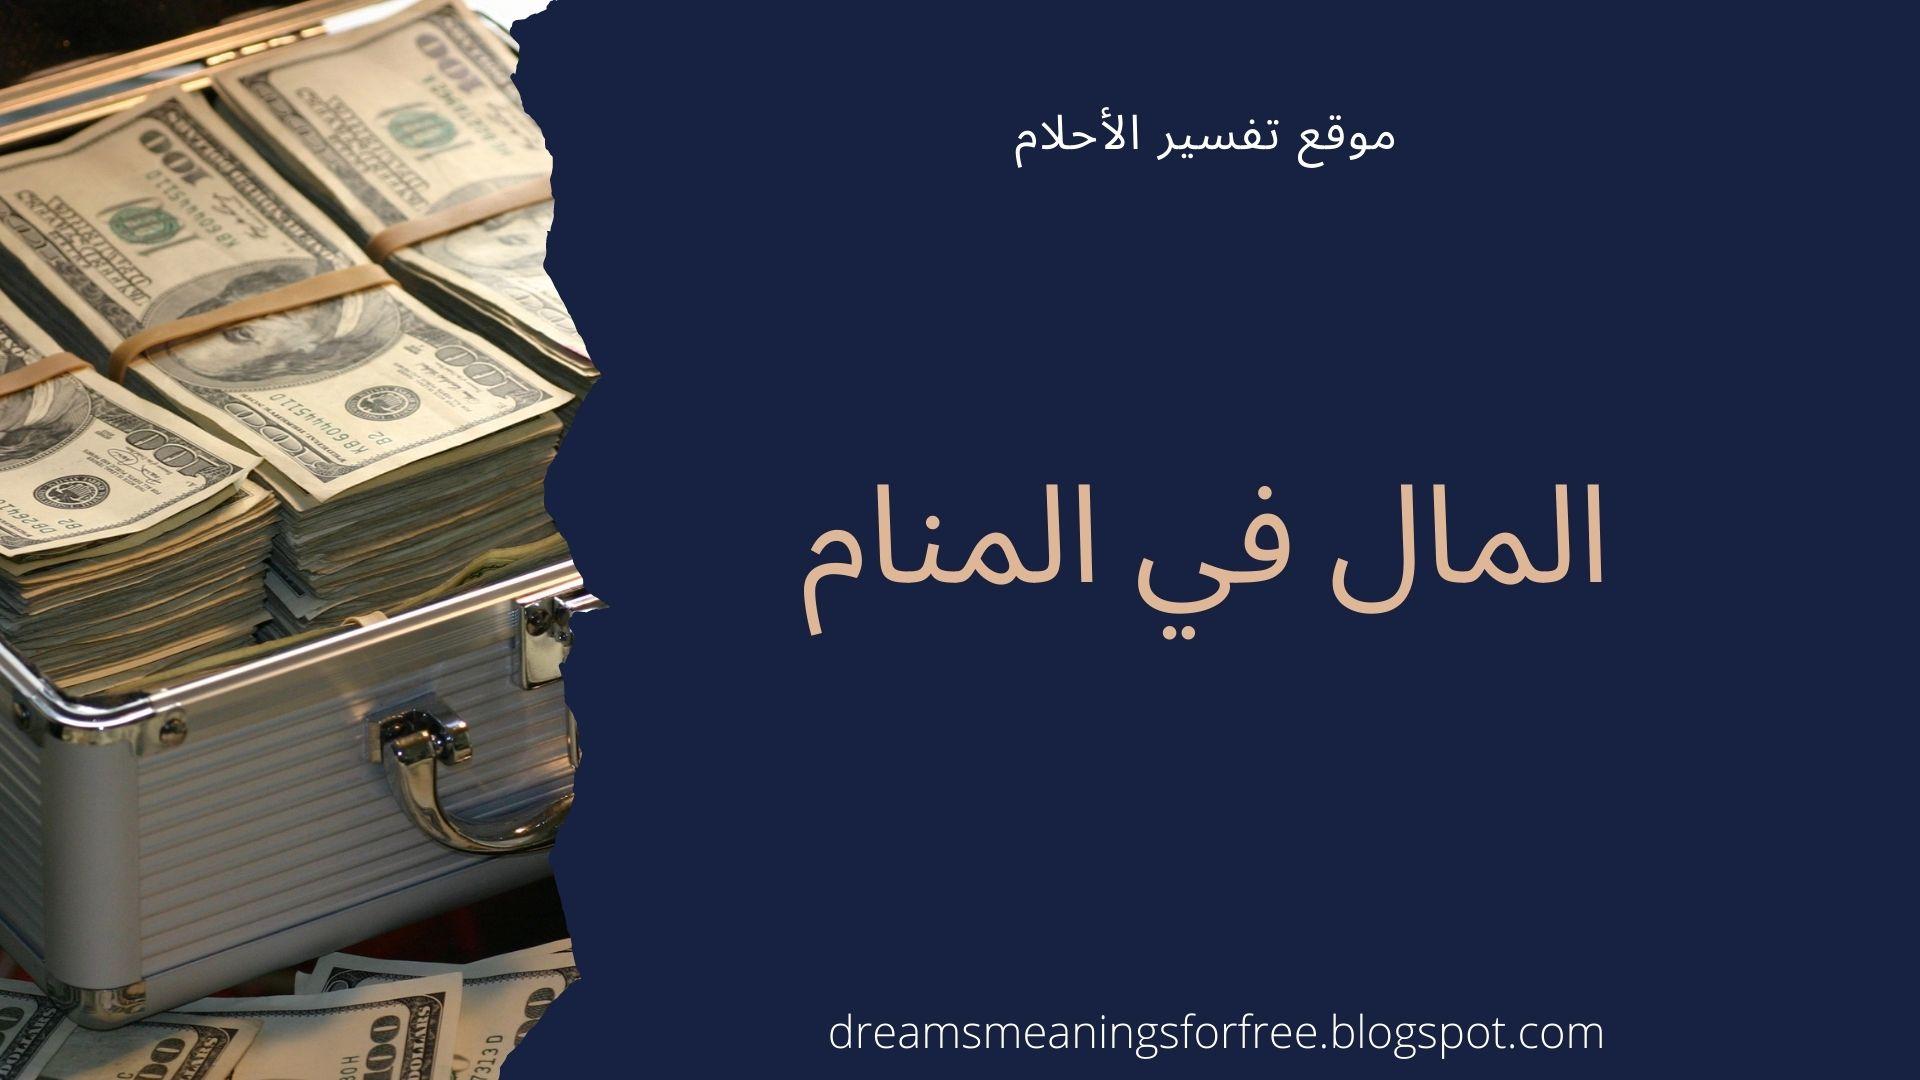 المال في المنام تفسير حلم المال للرجل والمرأة المتزوجة والحامل والعزباء